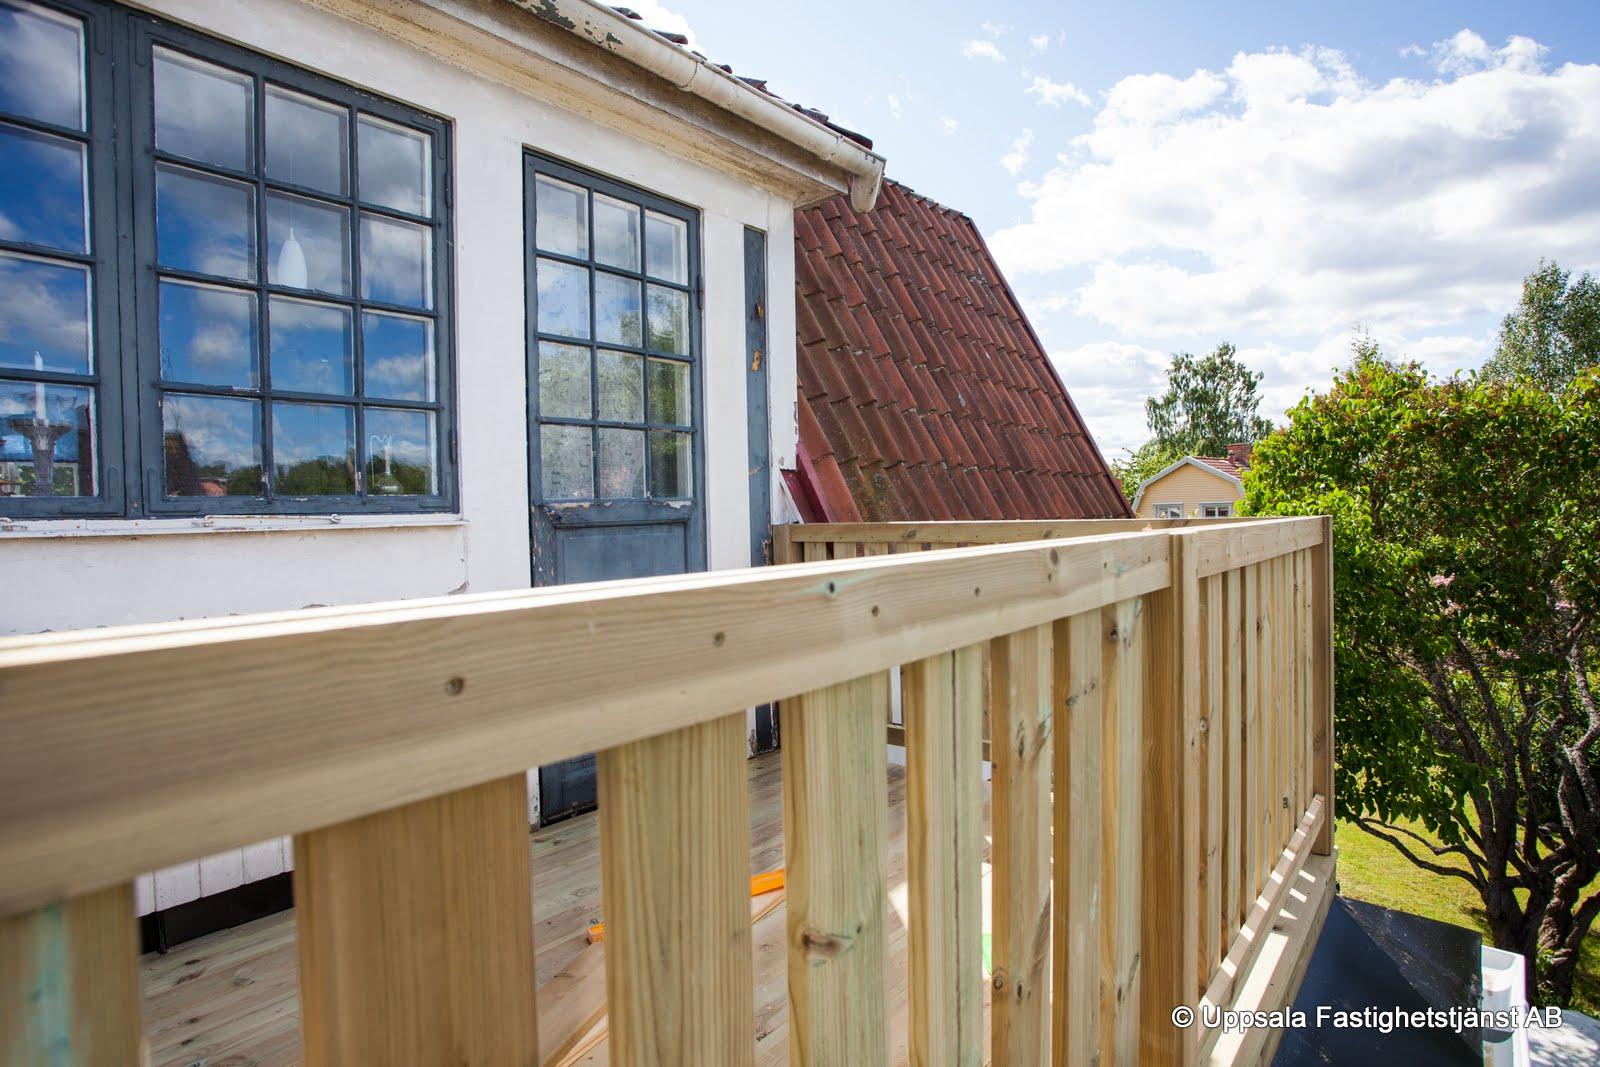 Bygg och renovering – uppsala fastighetstjänst